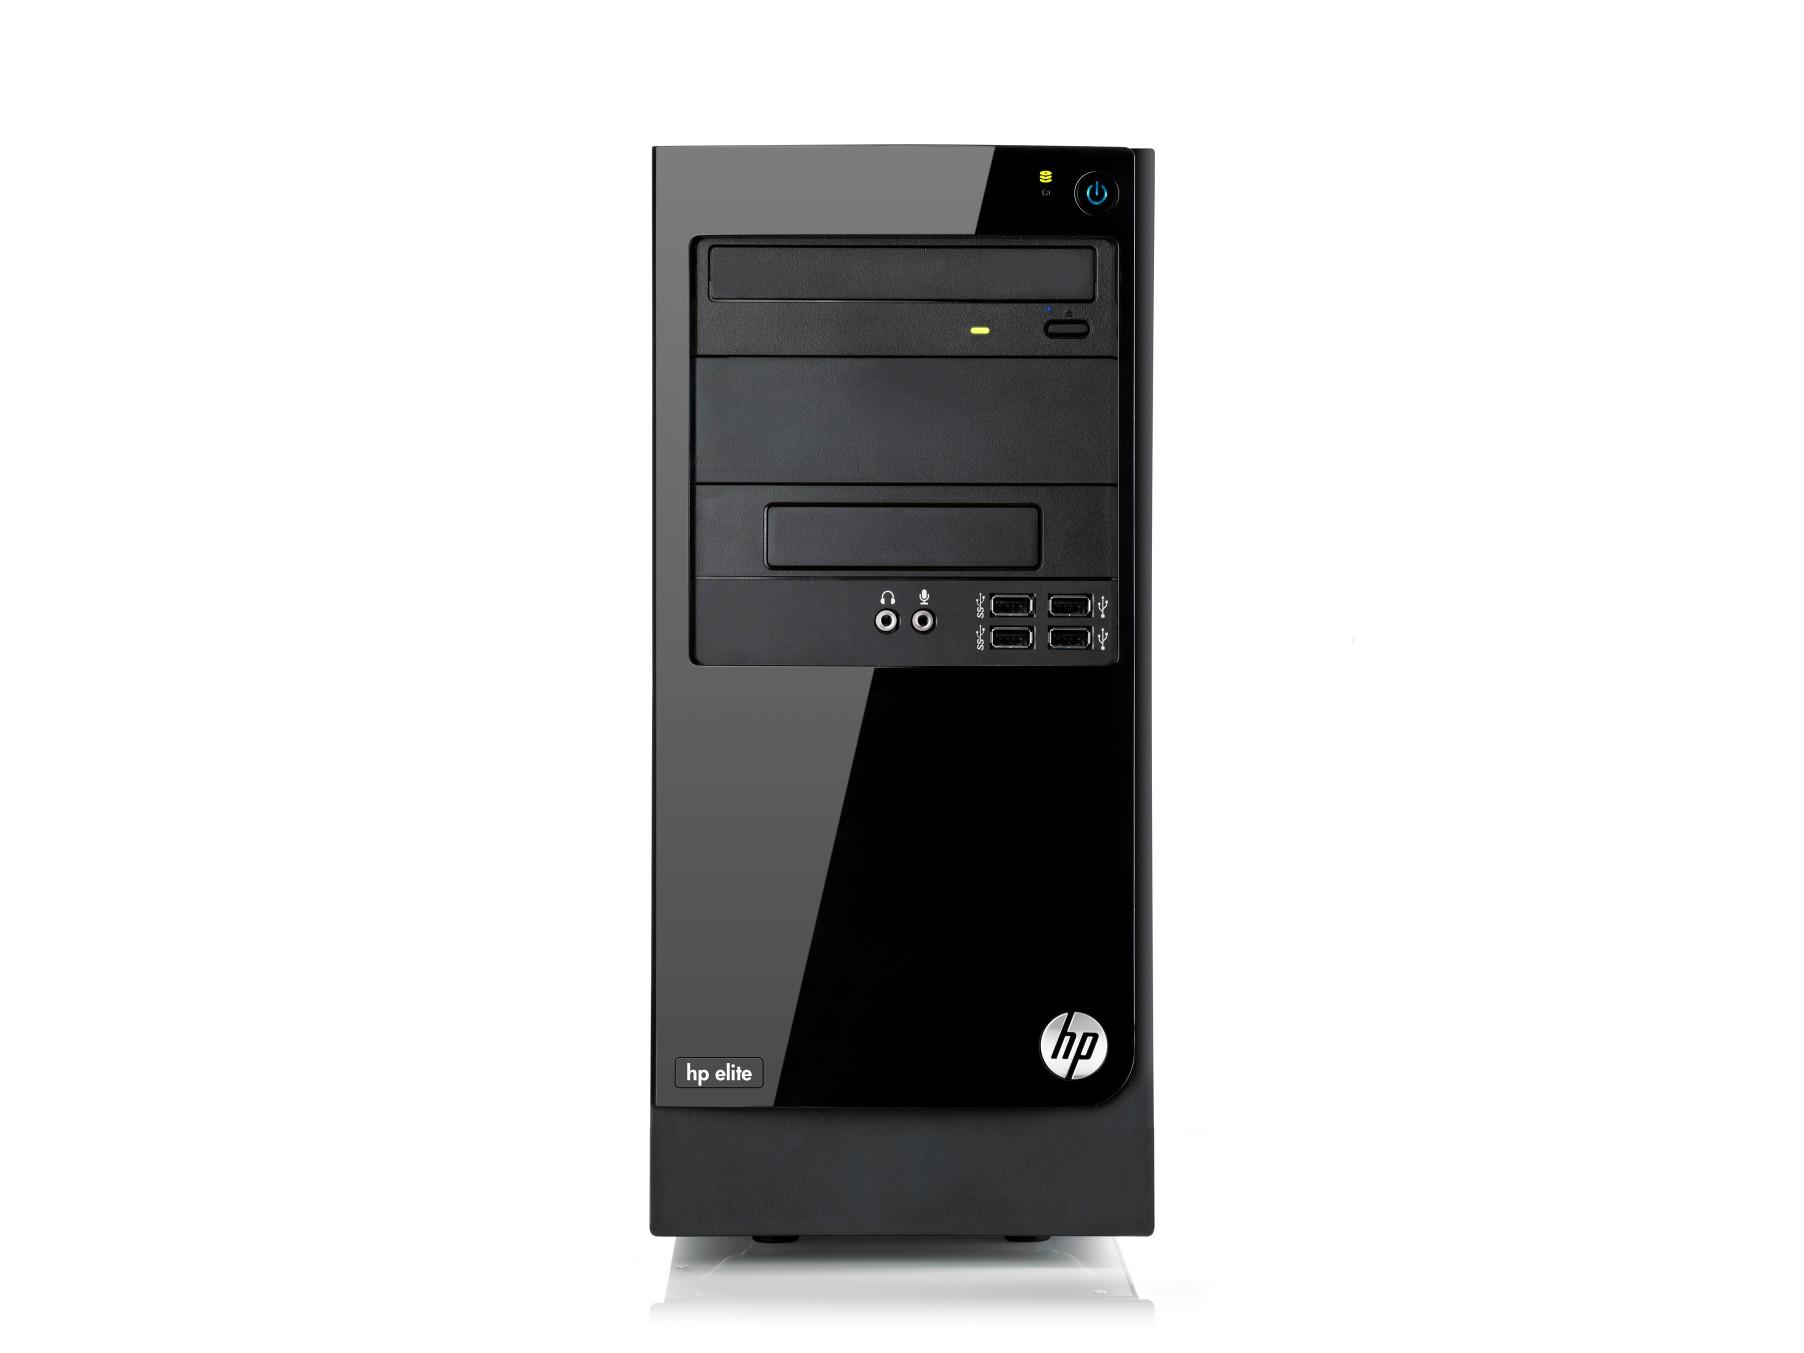 HP Elite 7300